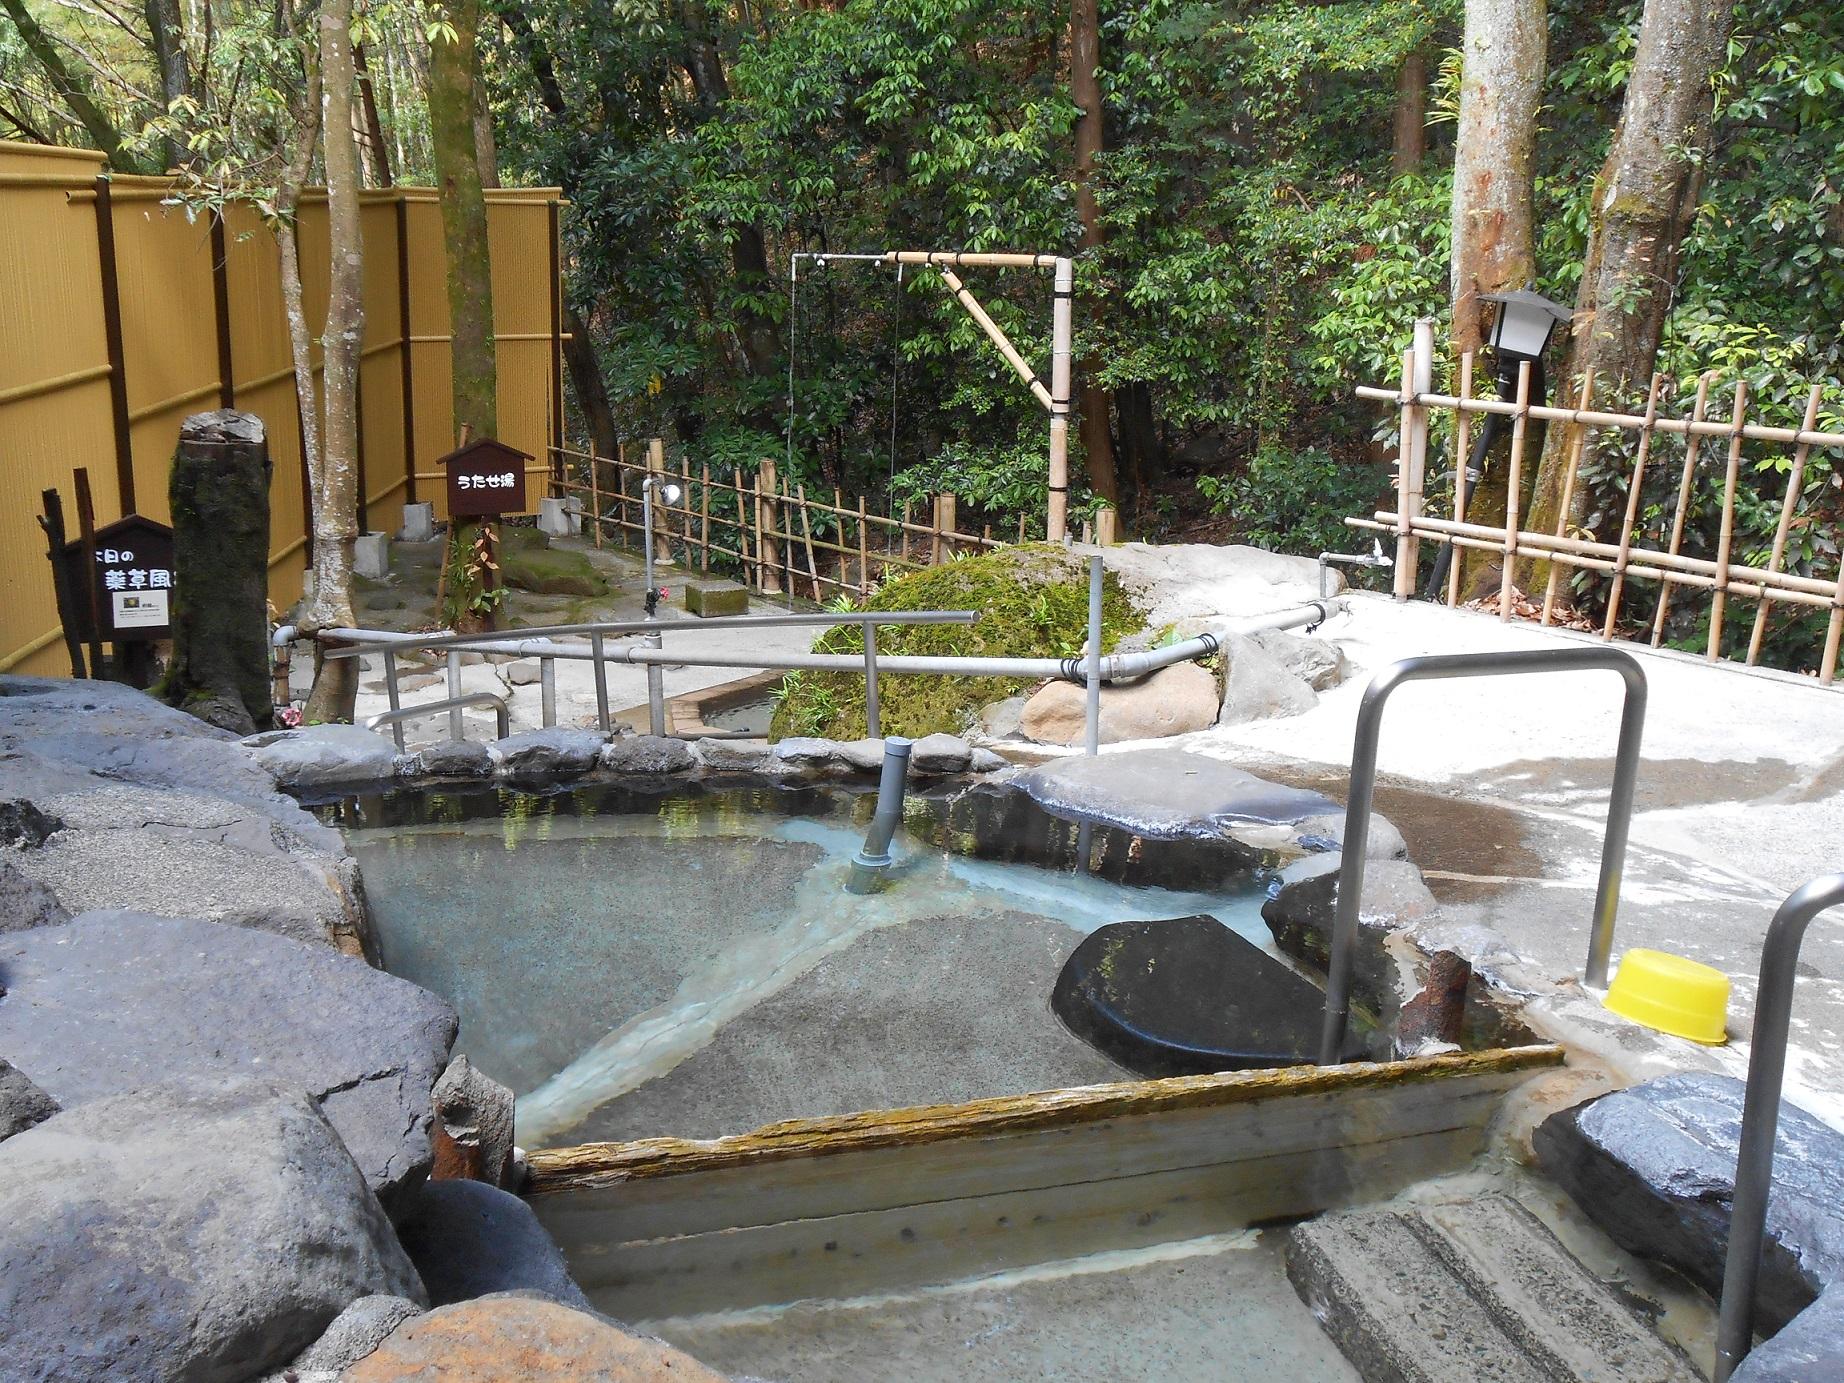 浴槽ごとにお湯の温度が異なりお好みの温度を楽しめます。